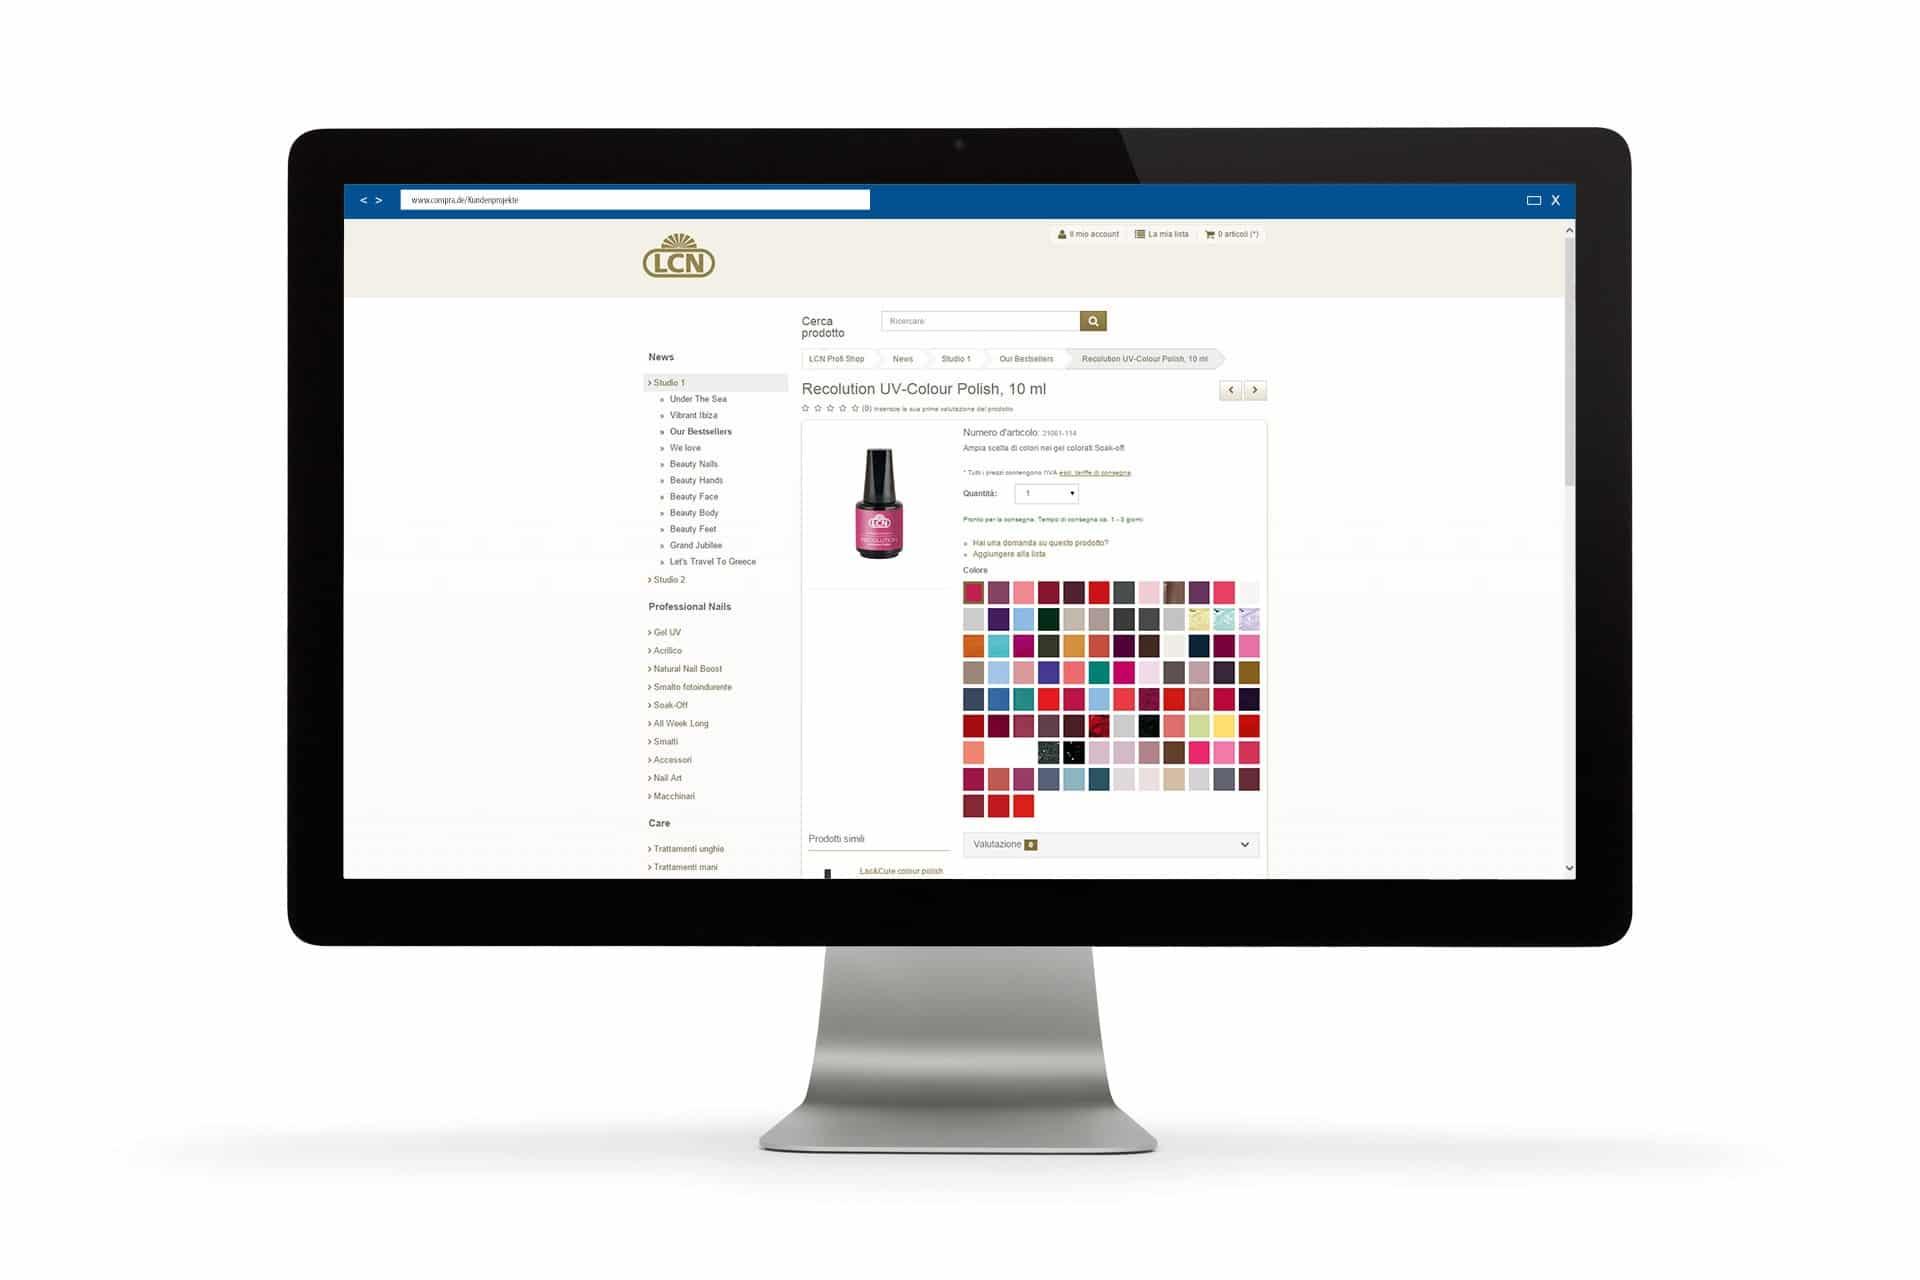 Auf der Produktdetailseite werden alle Farbvarianten in einer Liste dargestellt.